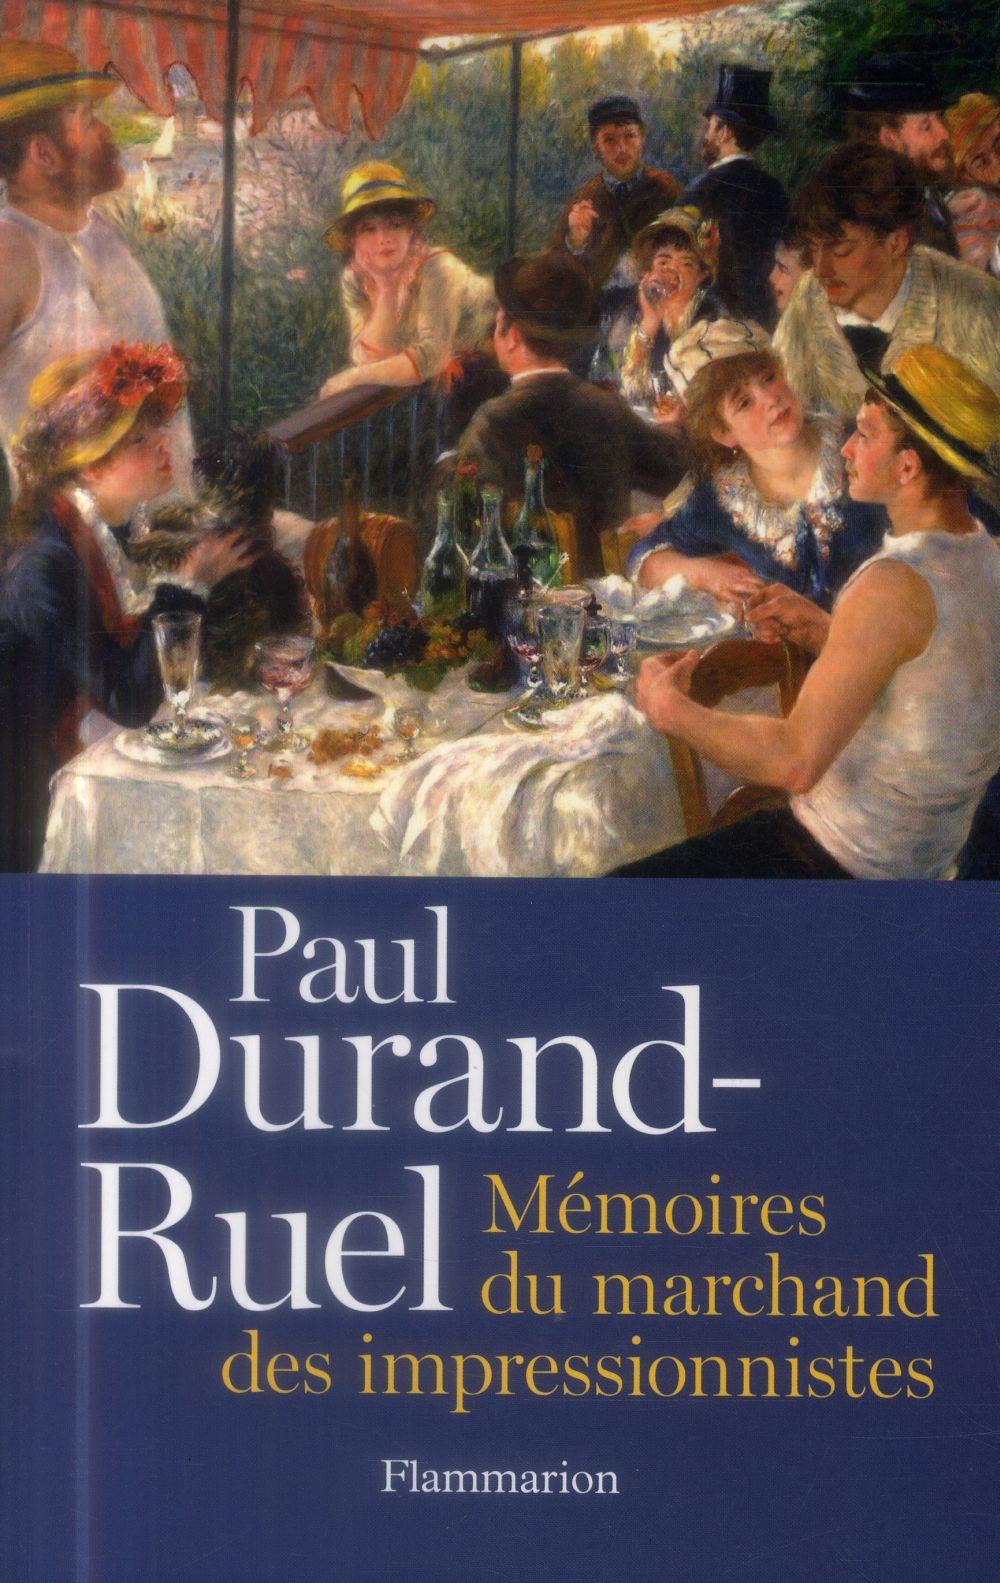 Paul Durand-Ruel ; mémoires du marchand des impressionnistes